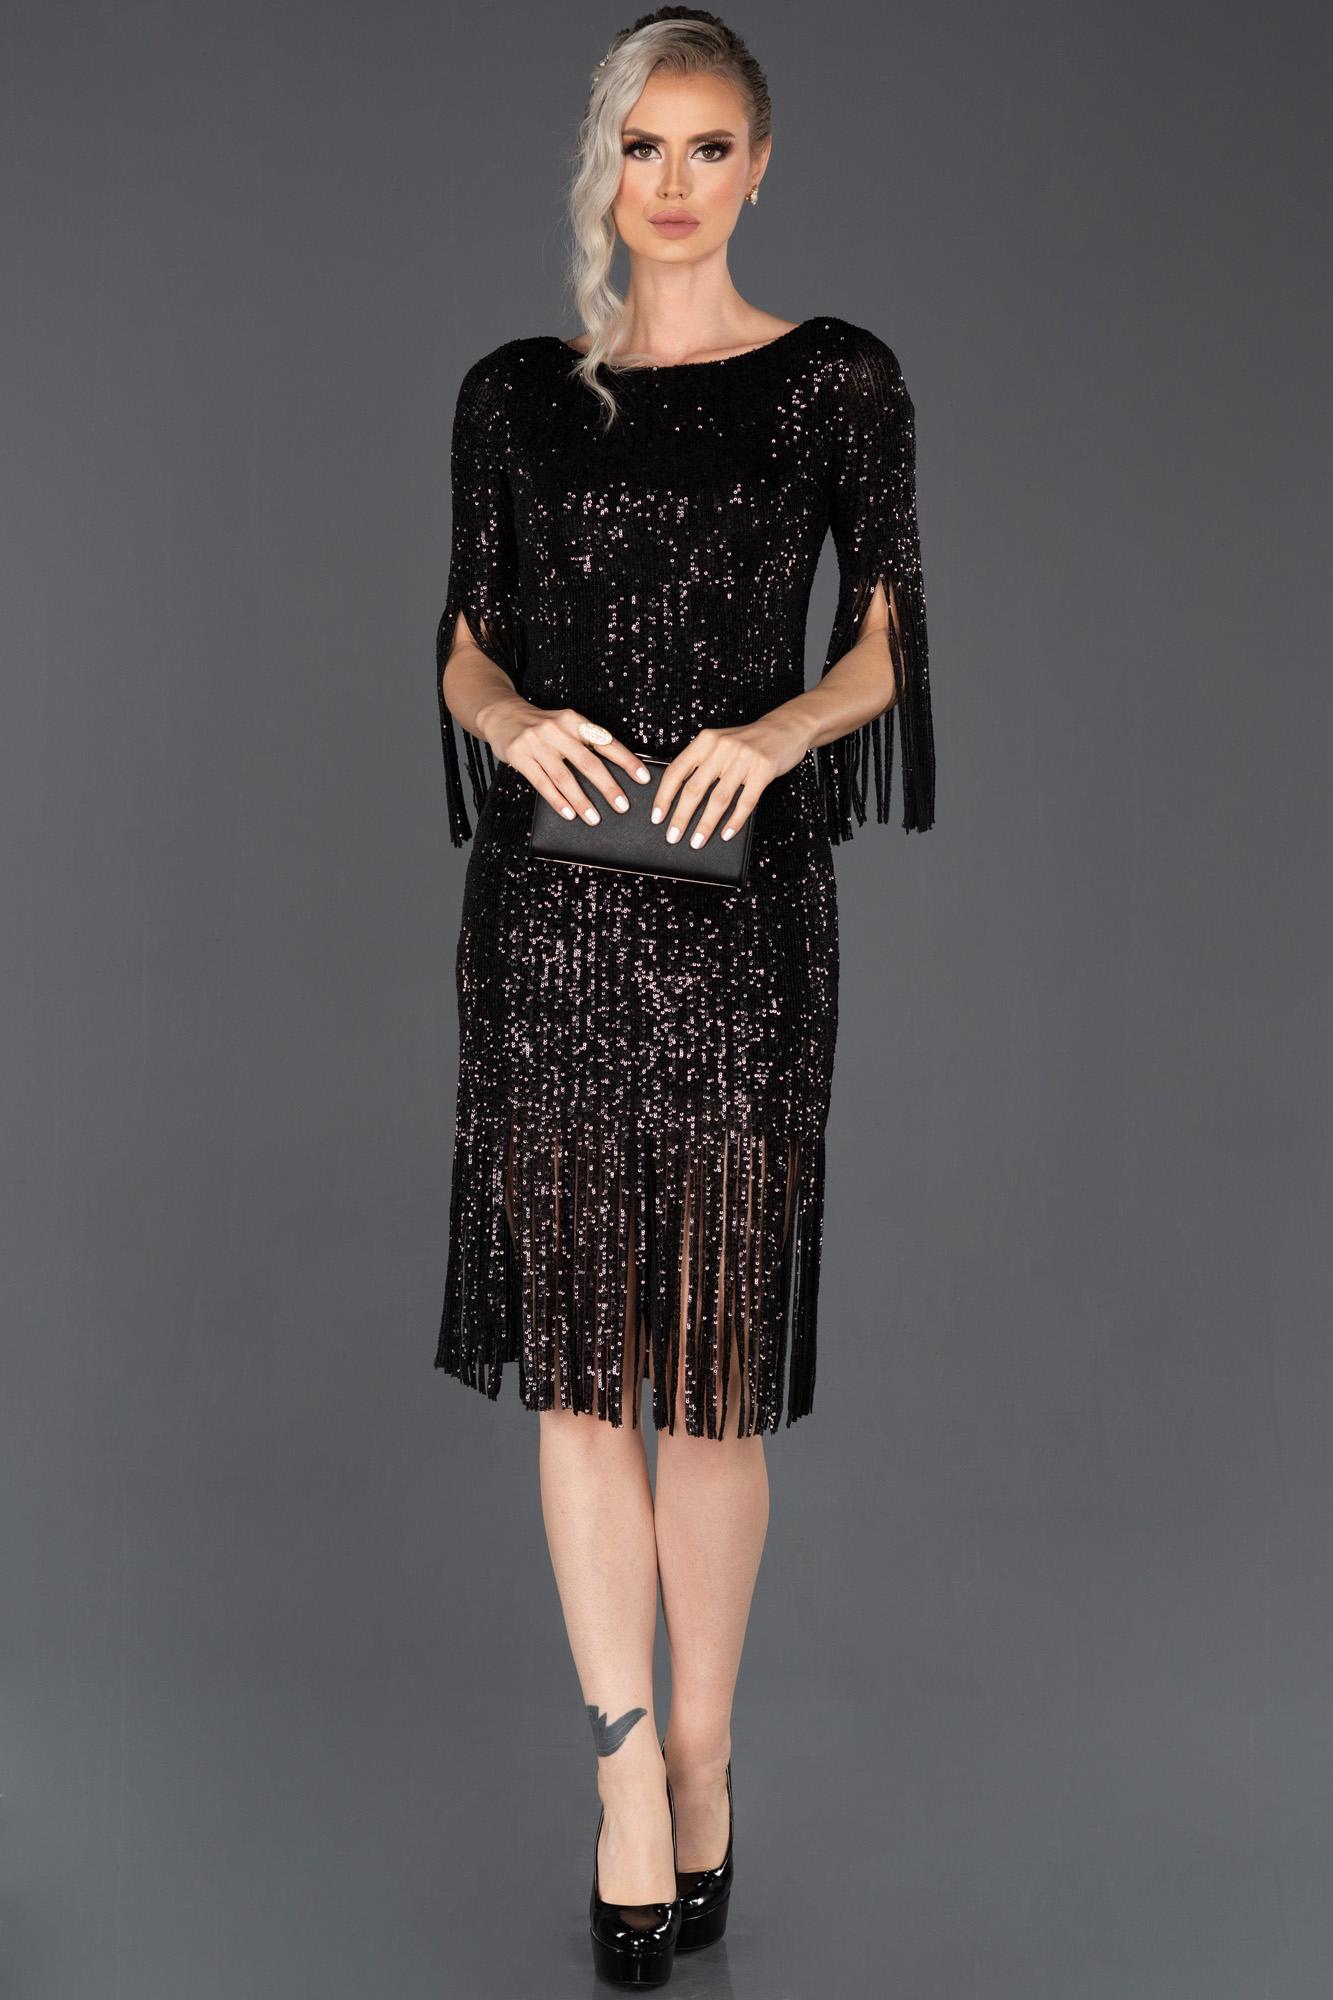 Siyah Kısa Püsküllü Pul Payetli Davet Elbisesi